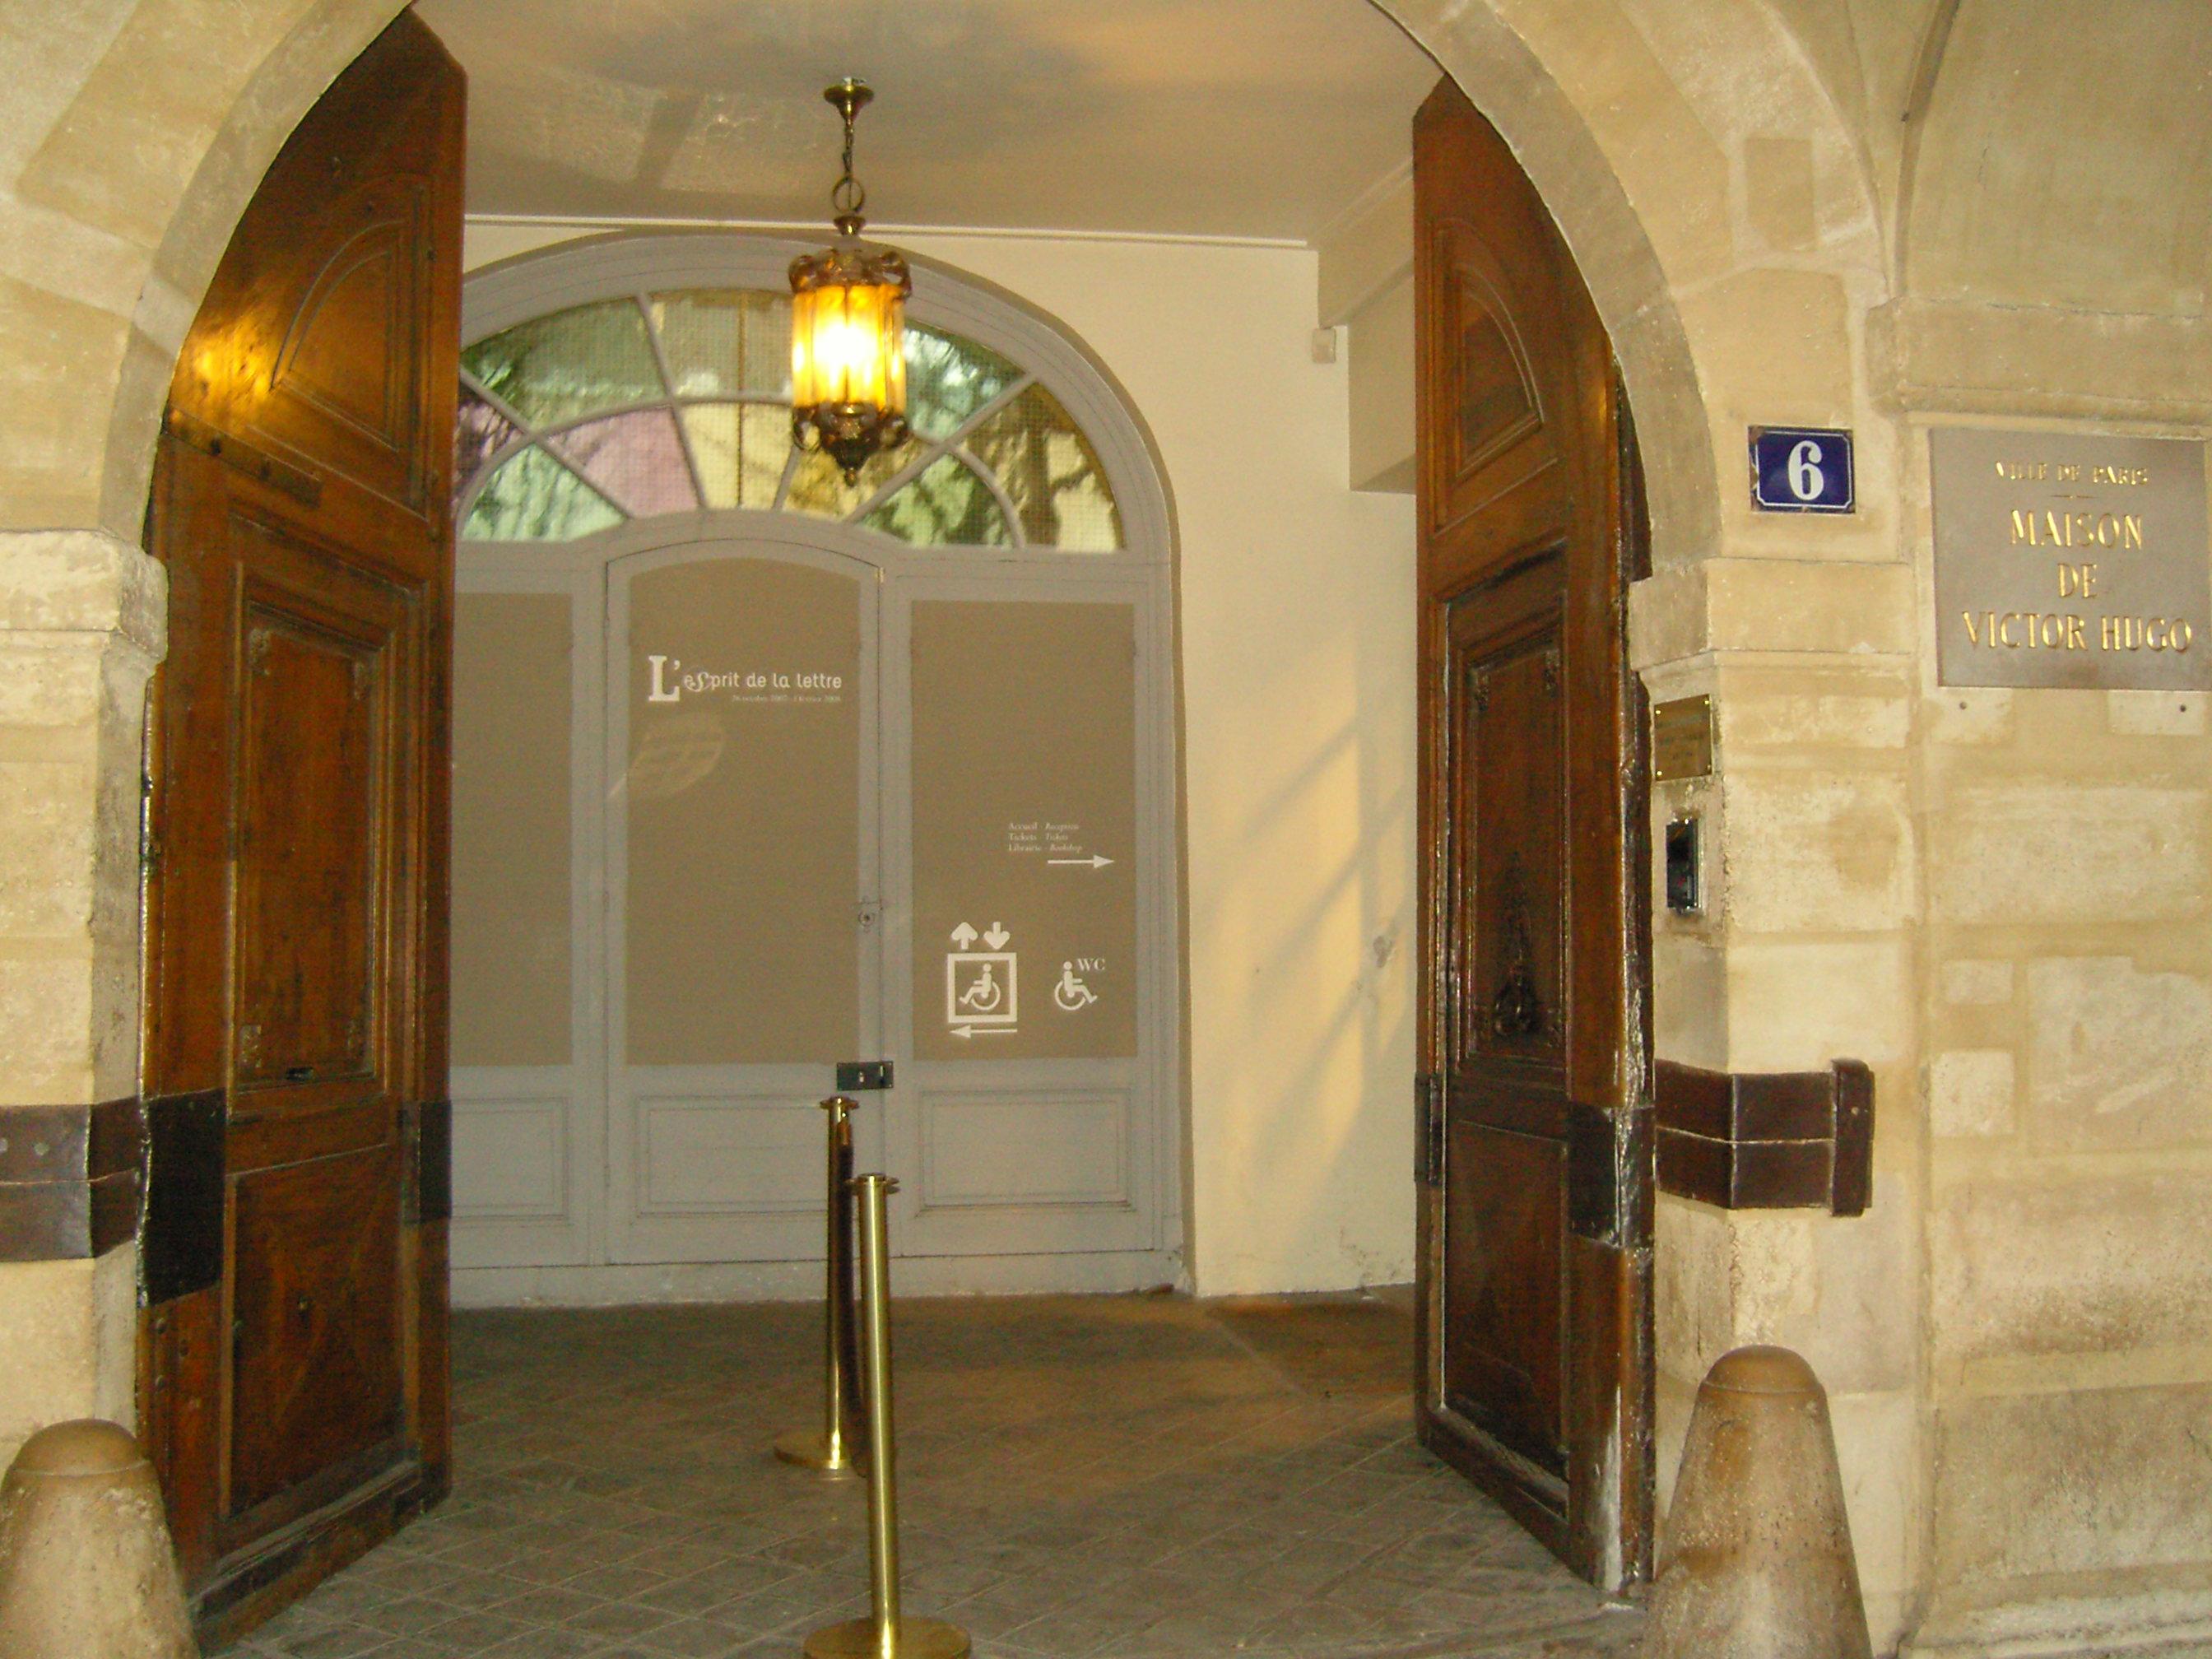 Porte d'accès de la Maison de Victor Hugo